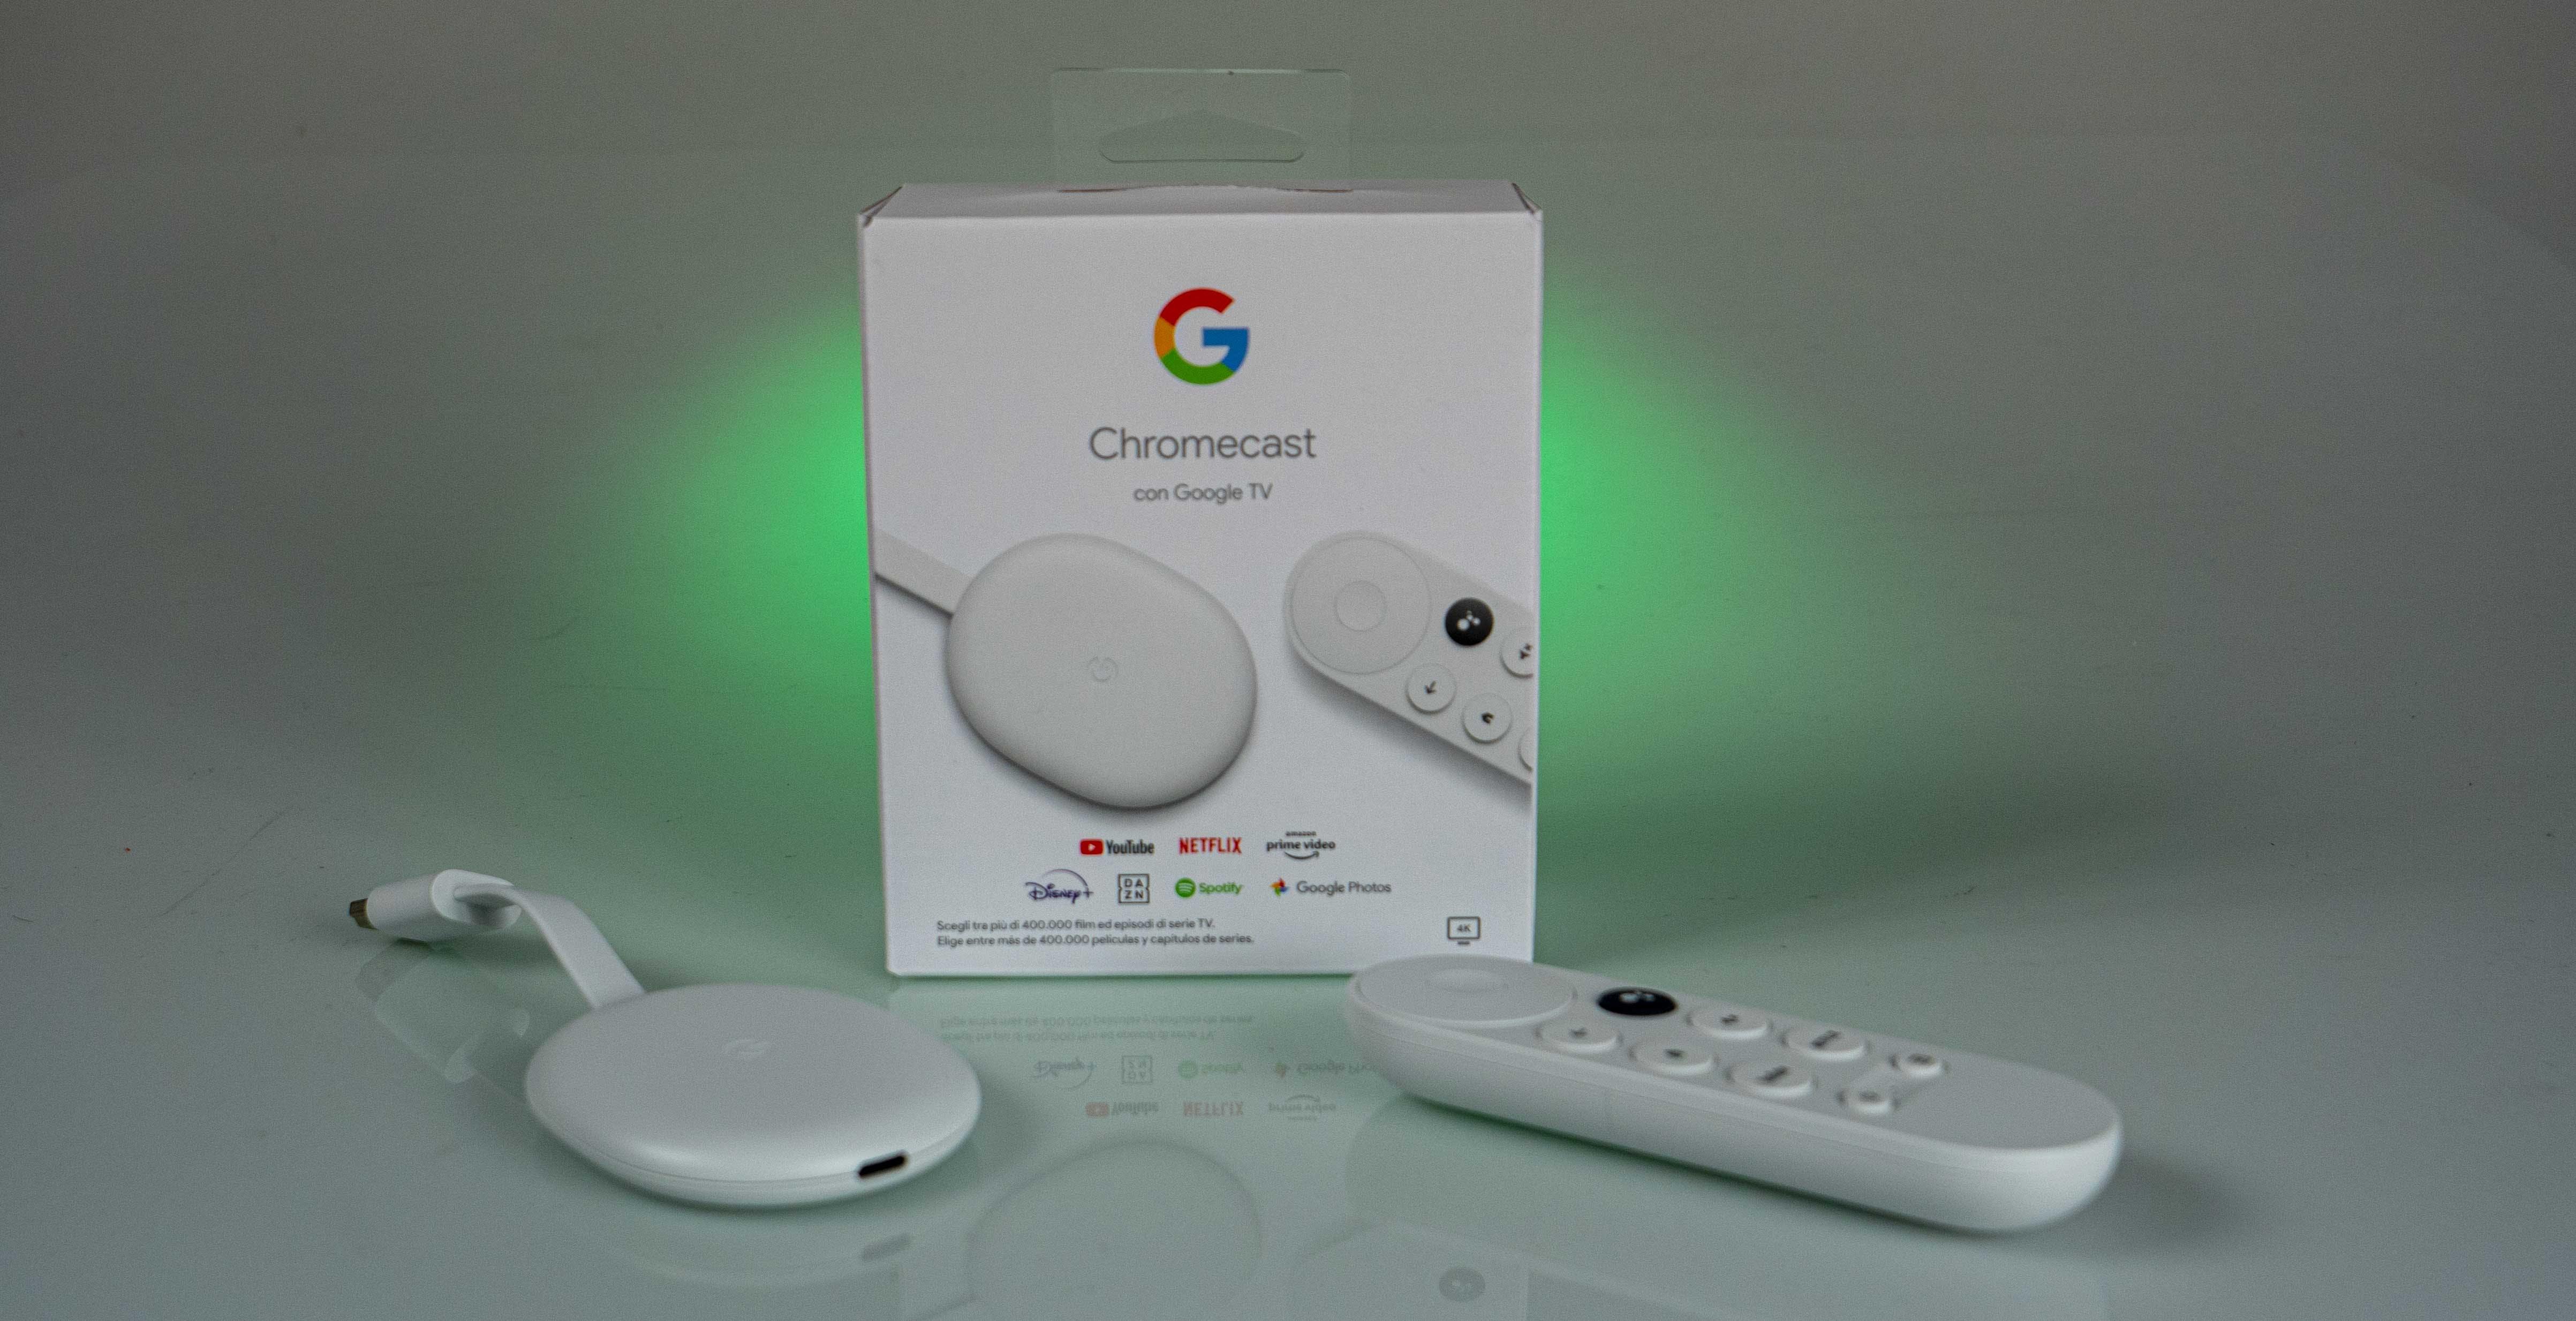 Chromecast con Google TV, recensione. 4K e HDR con una interfaccia velocissima